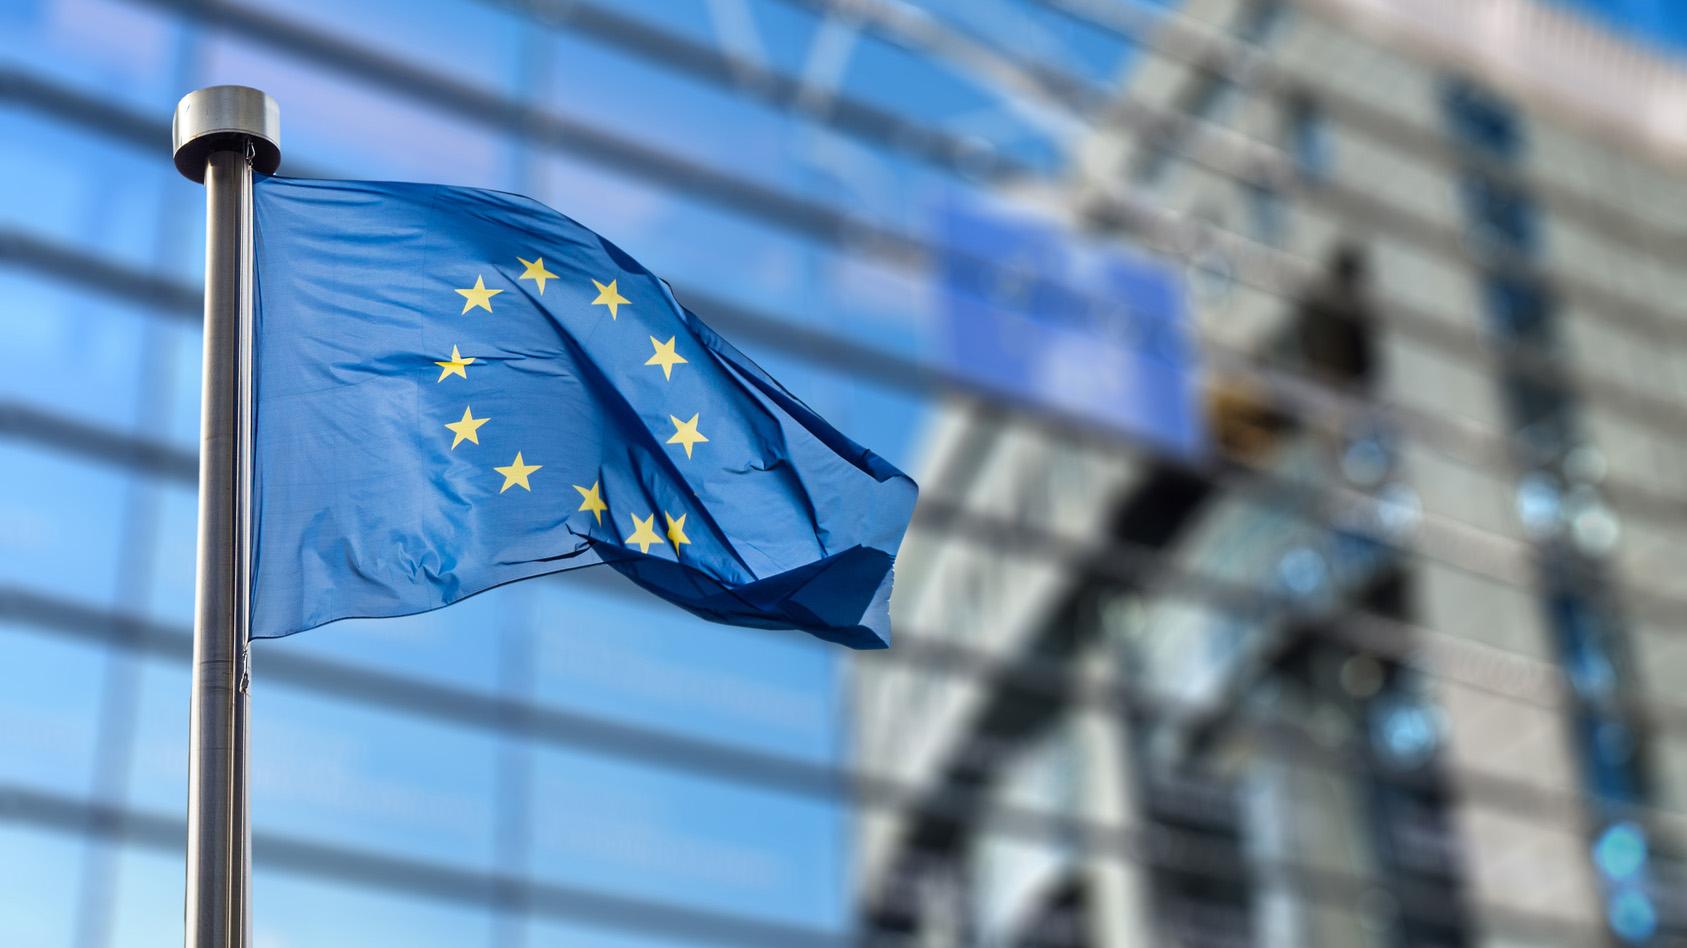 Umsetzung der Insurance Distribution Directive in deutsches Recht